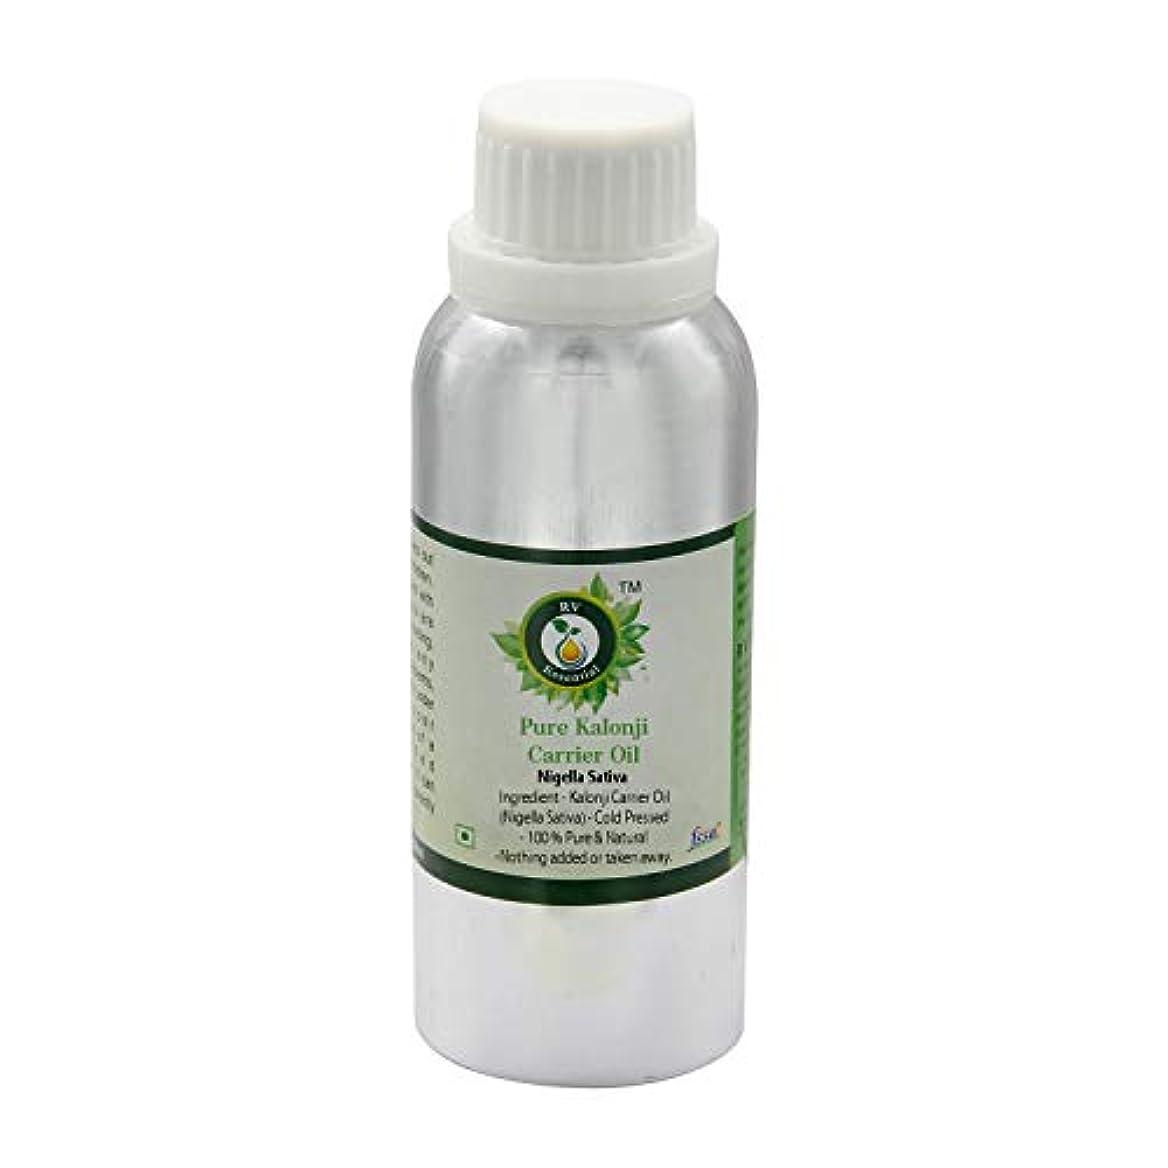 グリーンバックかすかな形成ピュアKalonjiキャリアオイル300ml (10oz)- Nigella Sativa (100%ピュア&ナチュラルコールドPressed) Pure Kalonji Carrier Oil